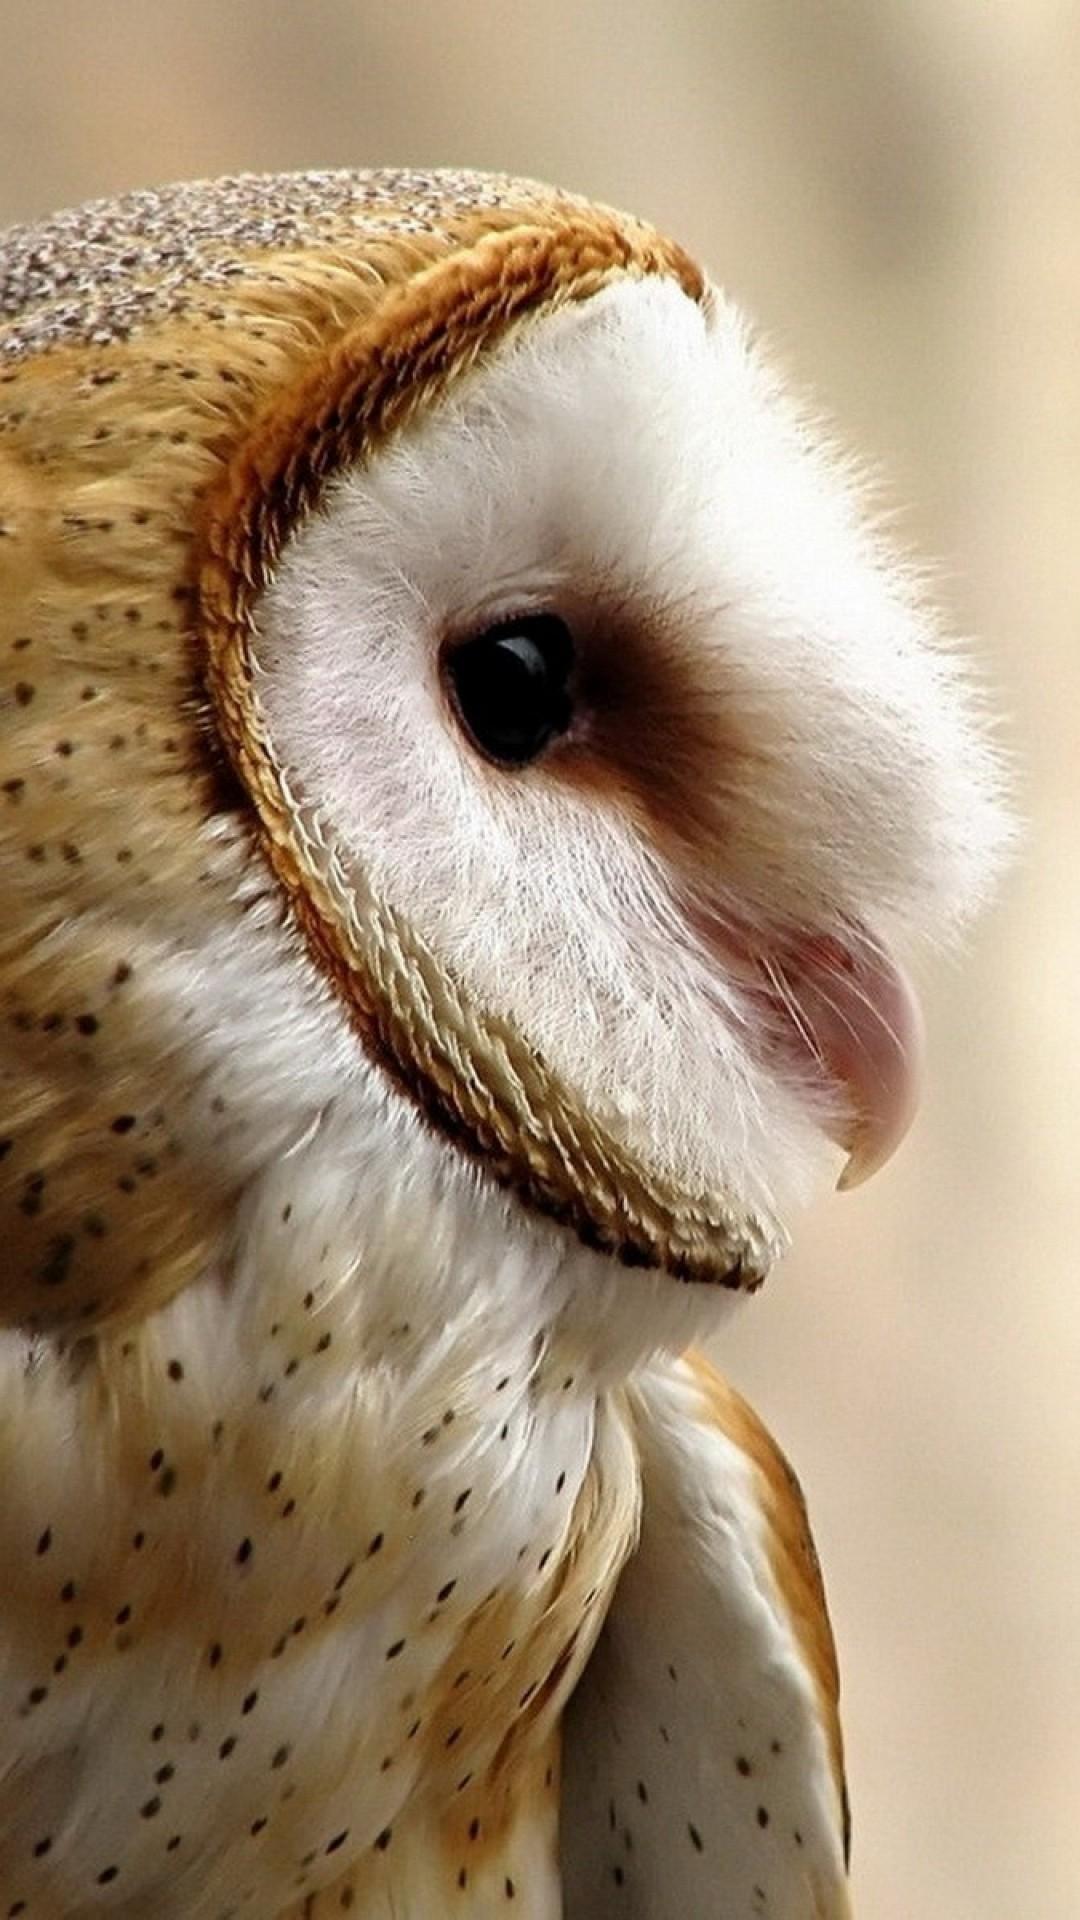 Beautiful Barn Owl close up